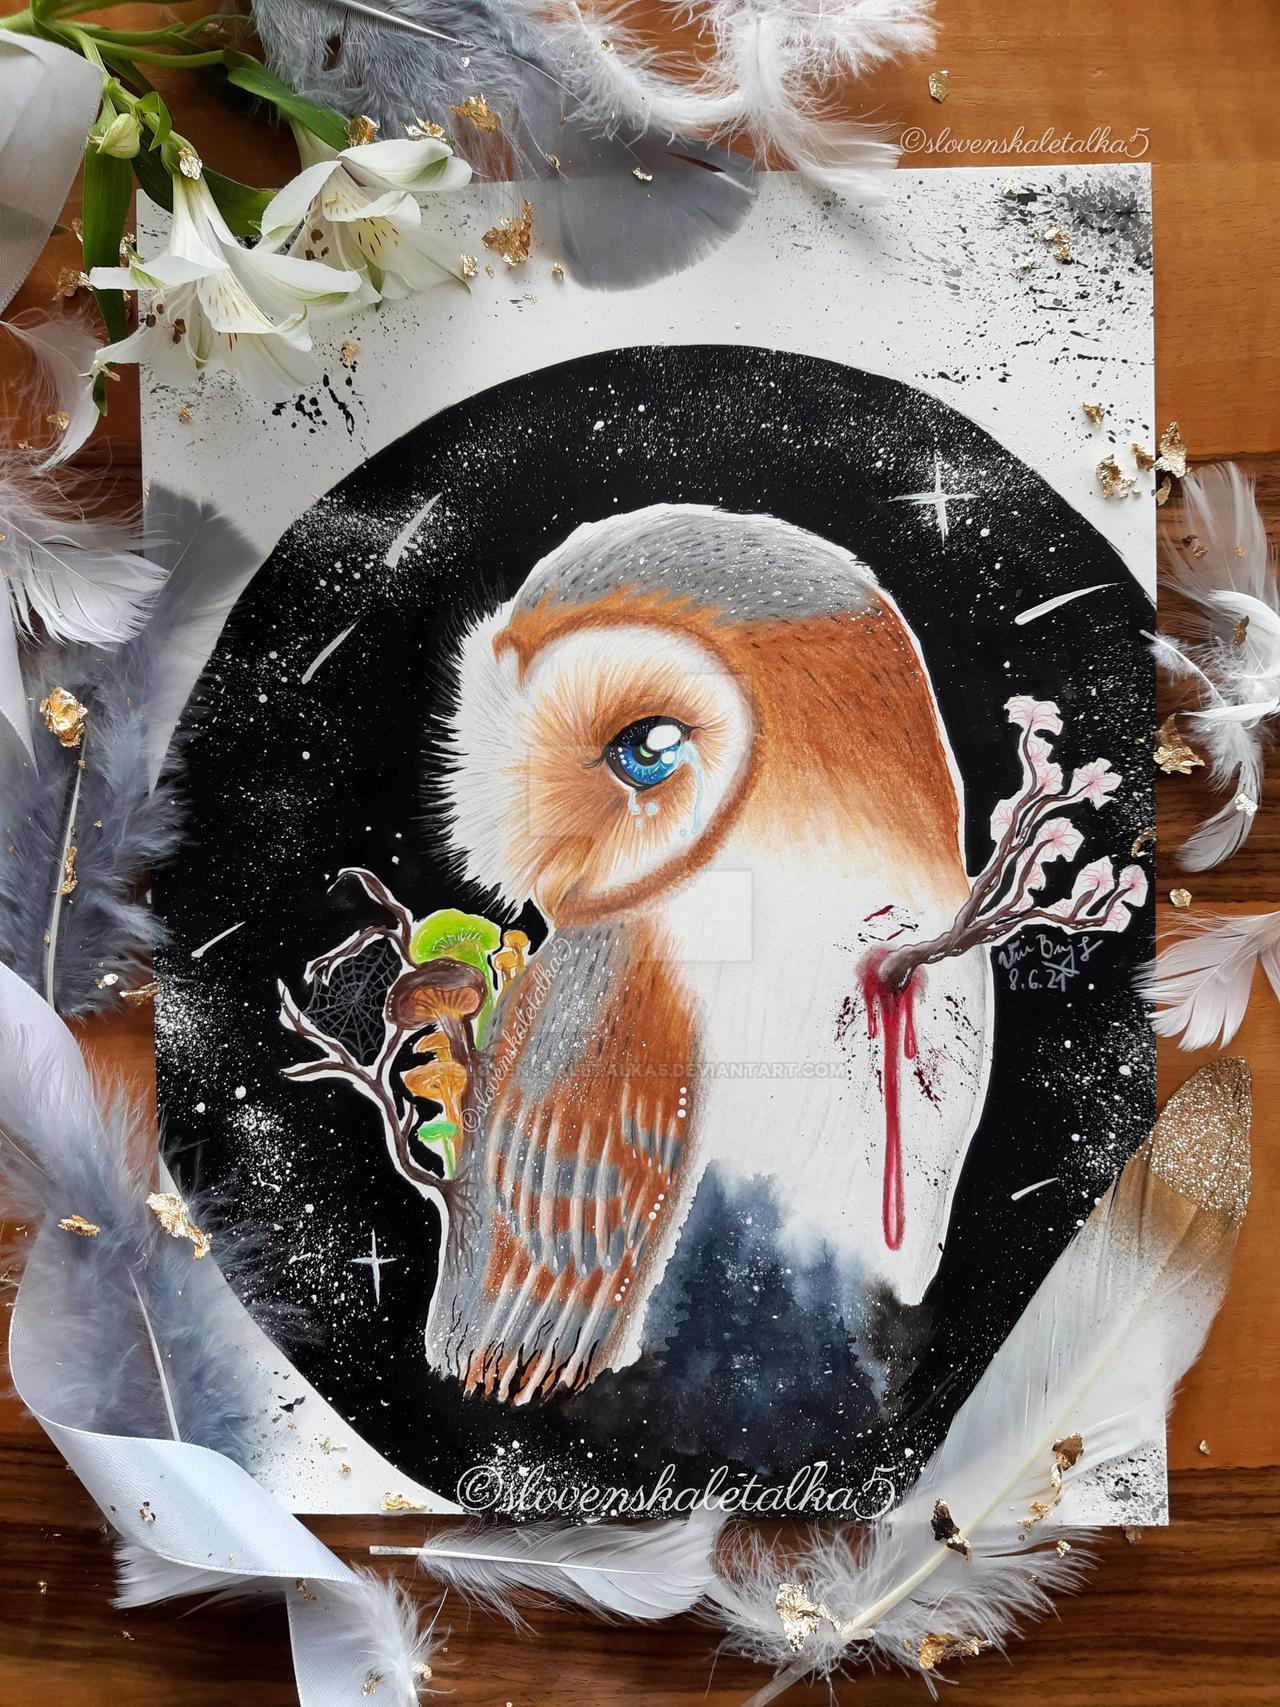 Spiritual animal - Owl